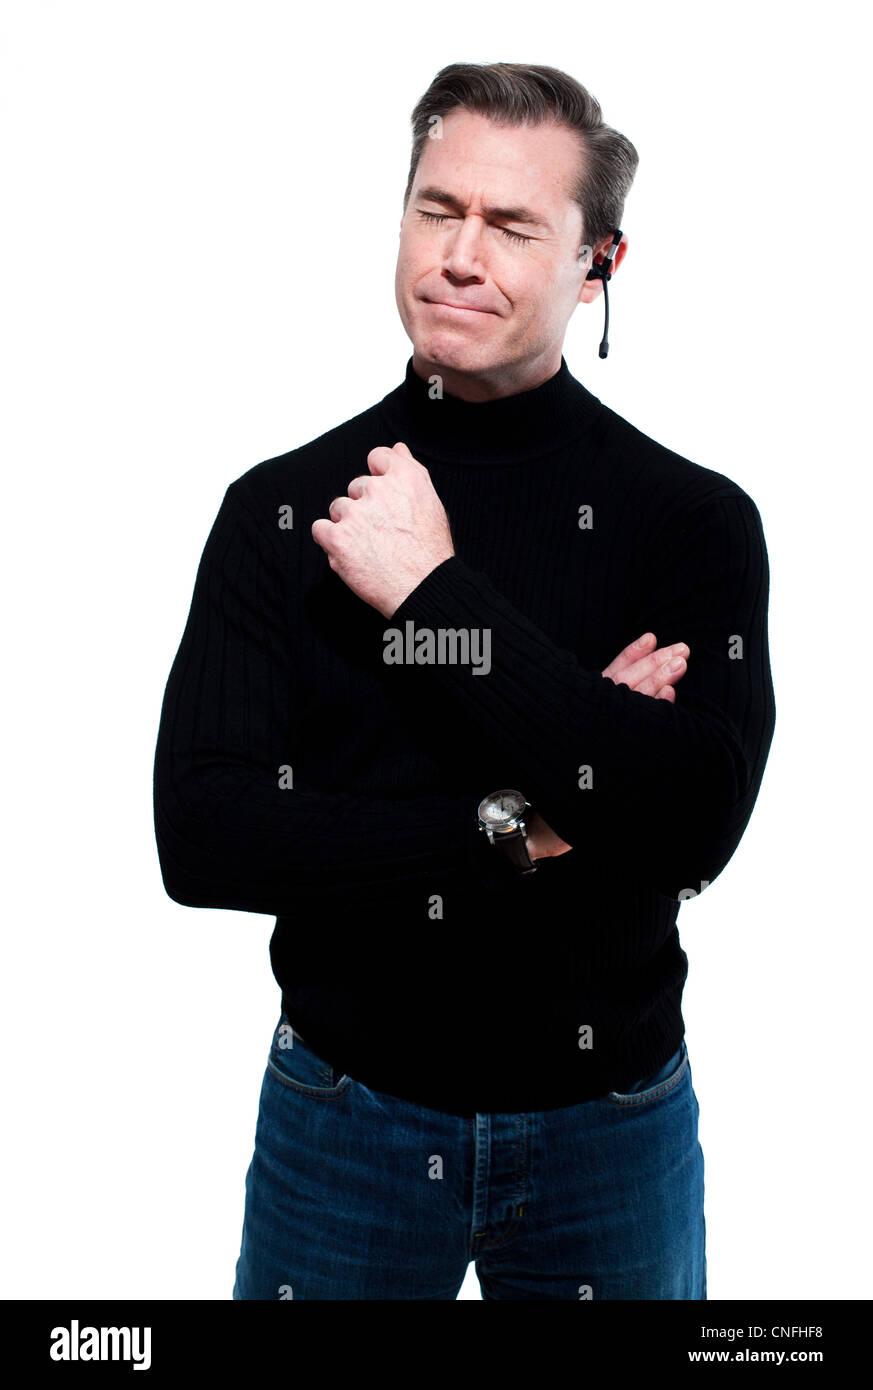 L'homme avec l'expression de condoléances, wearing headset Photo Stock